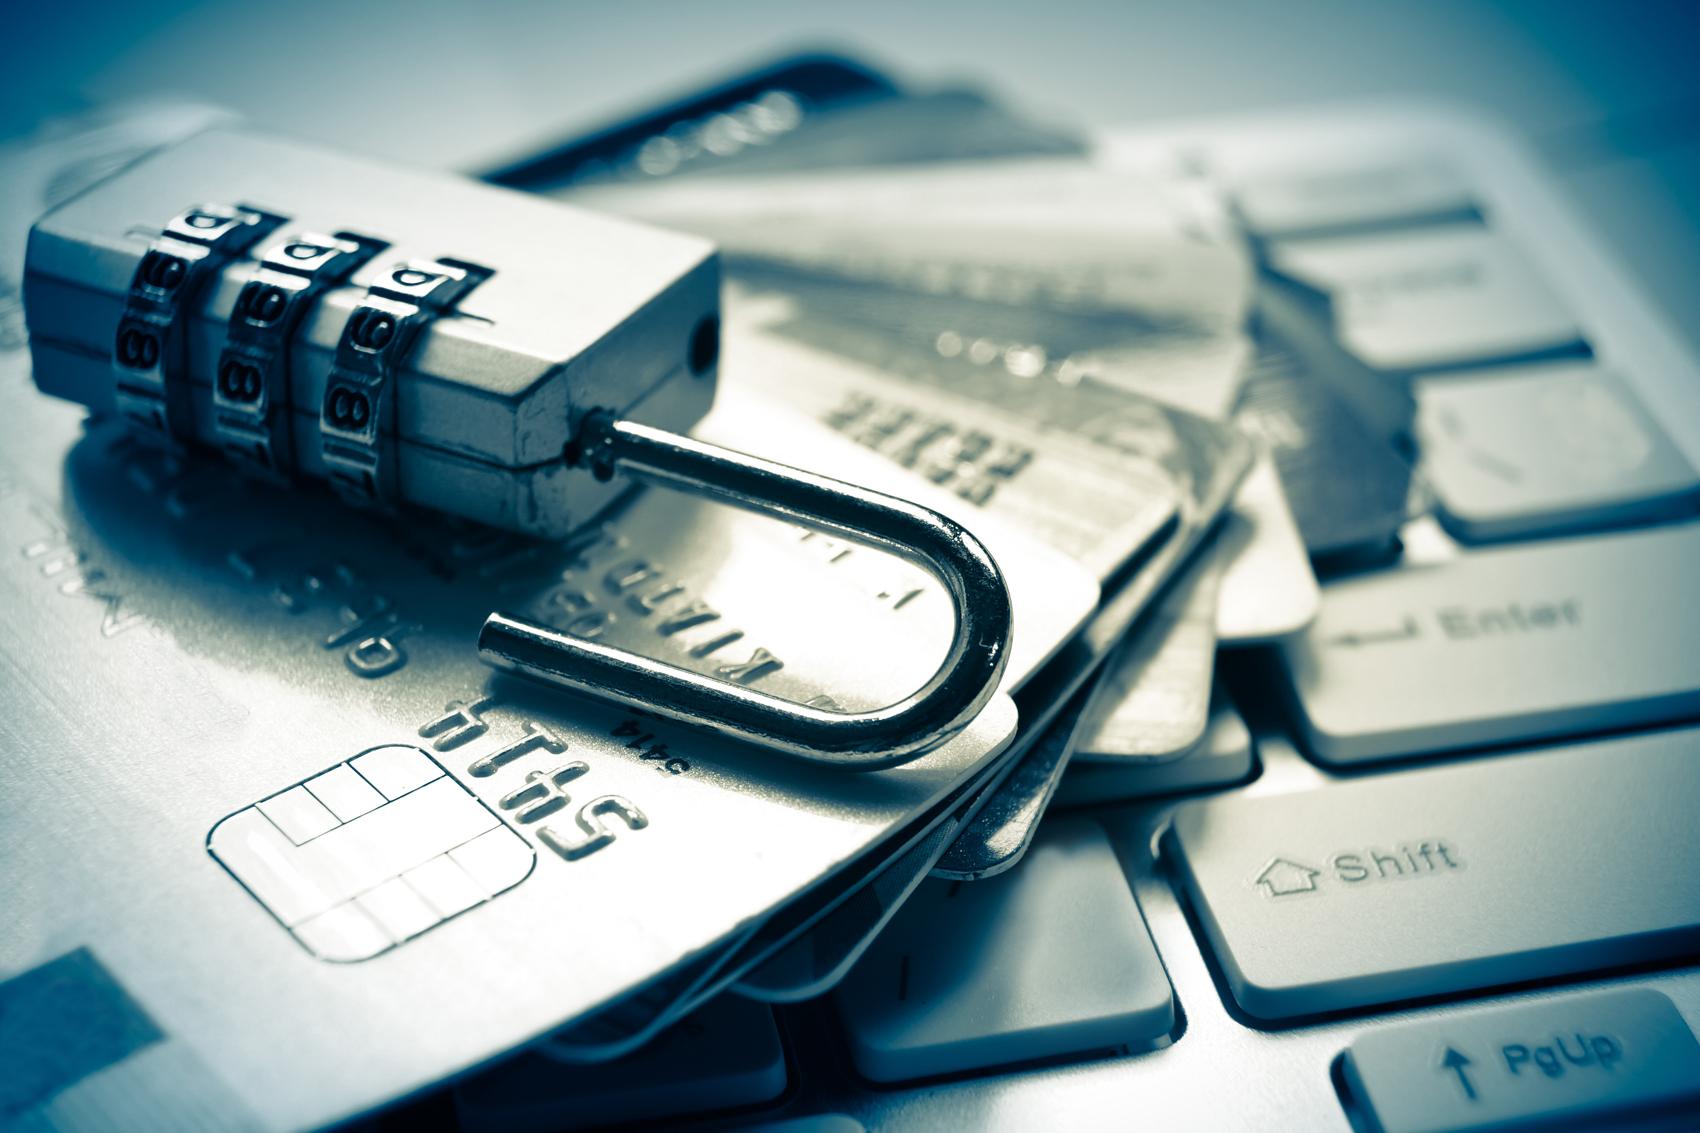 cadeado com cartão ilustrando os principais sistemas antifraude para e-commerce